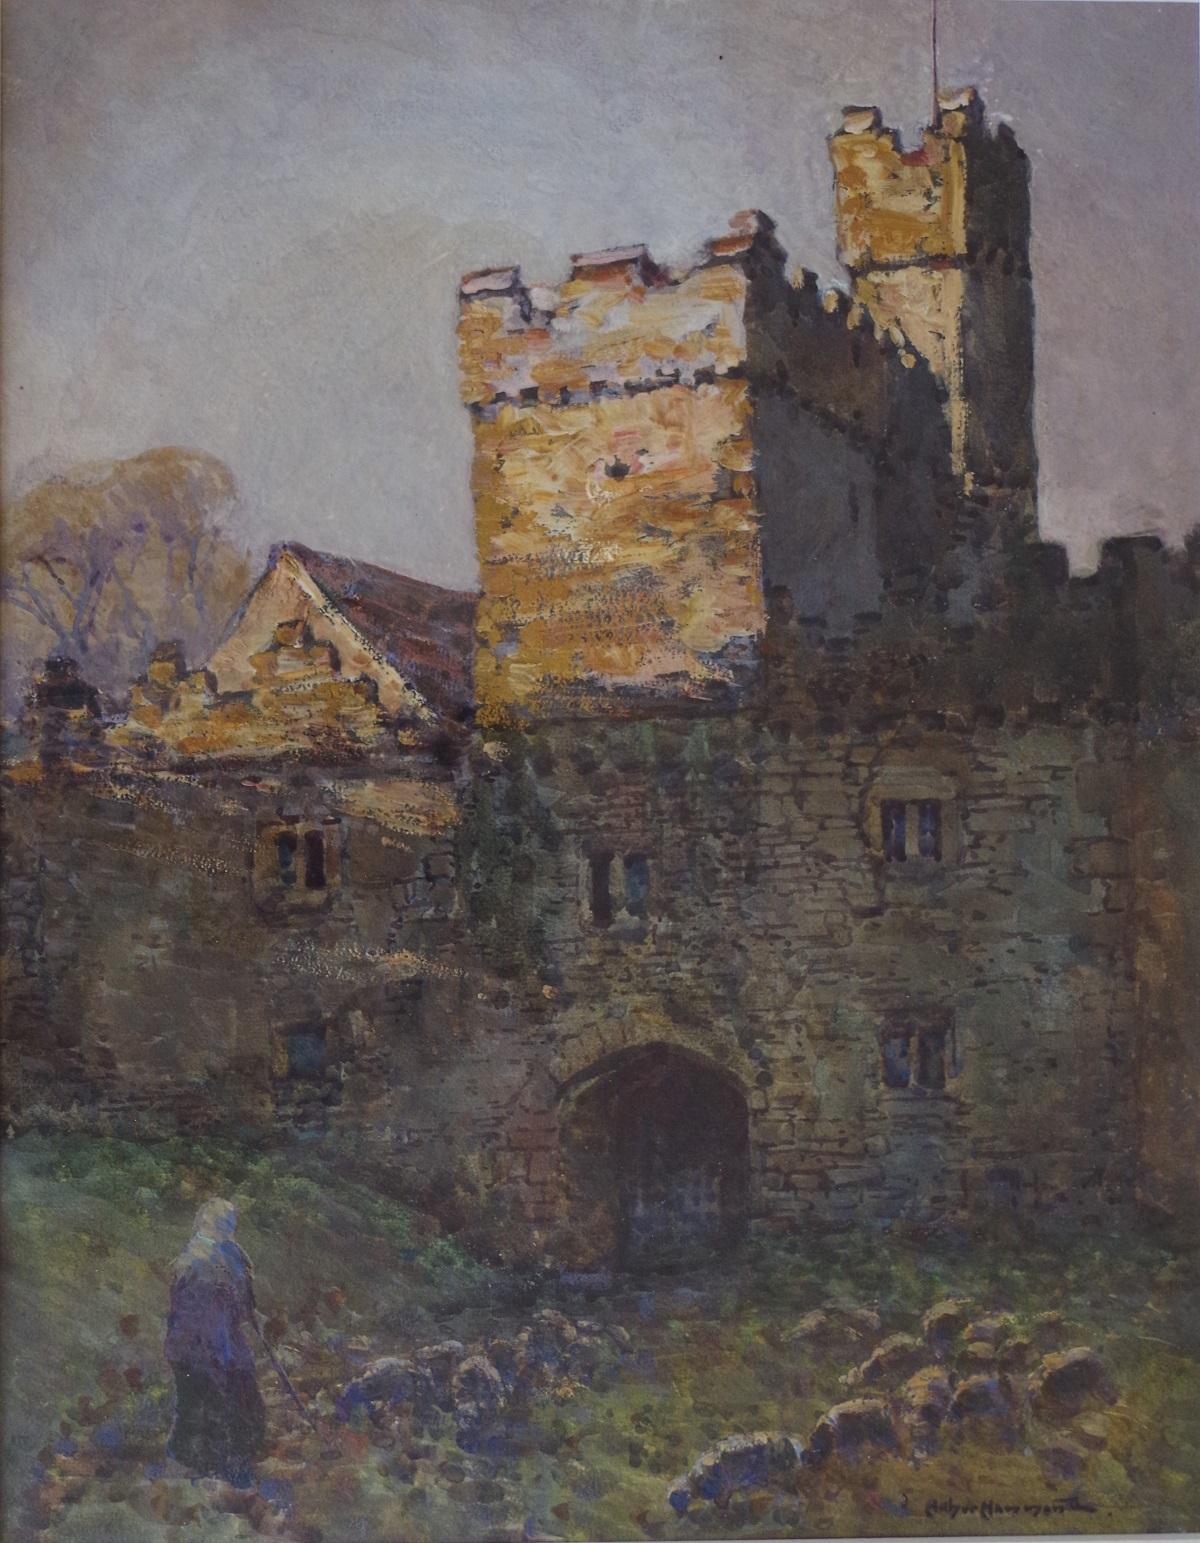 Entrance to a castle